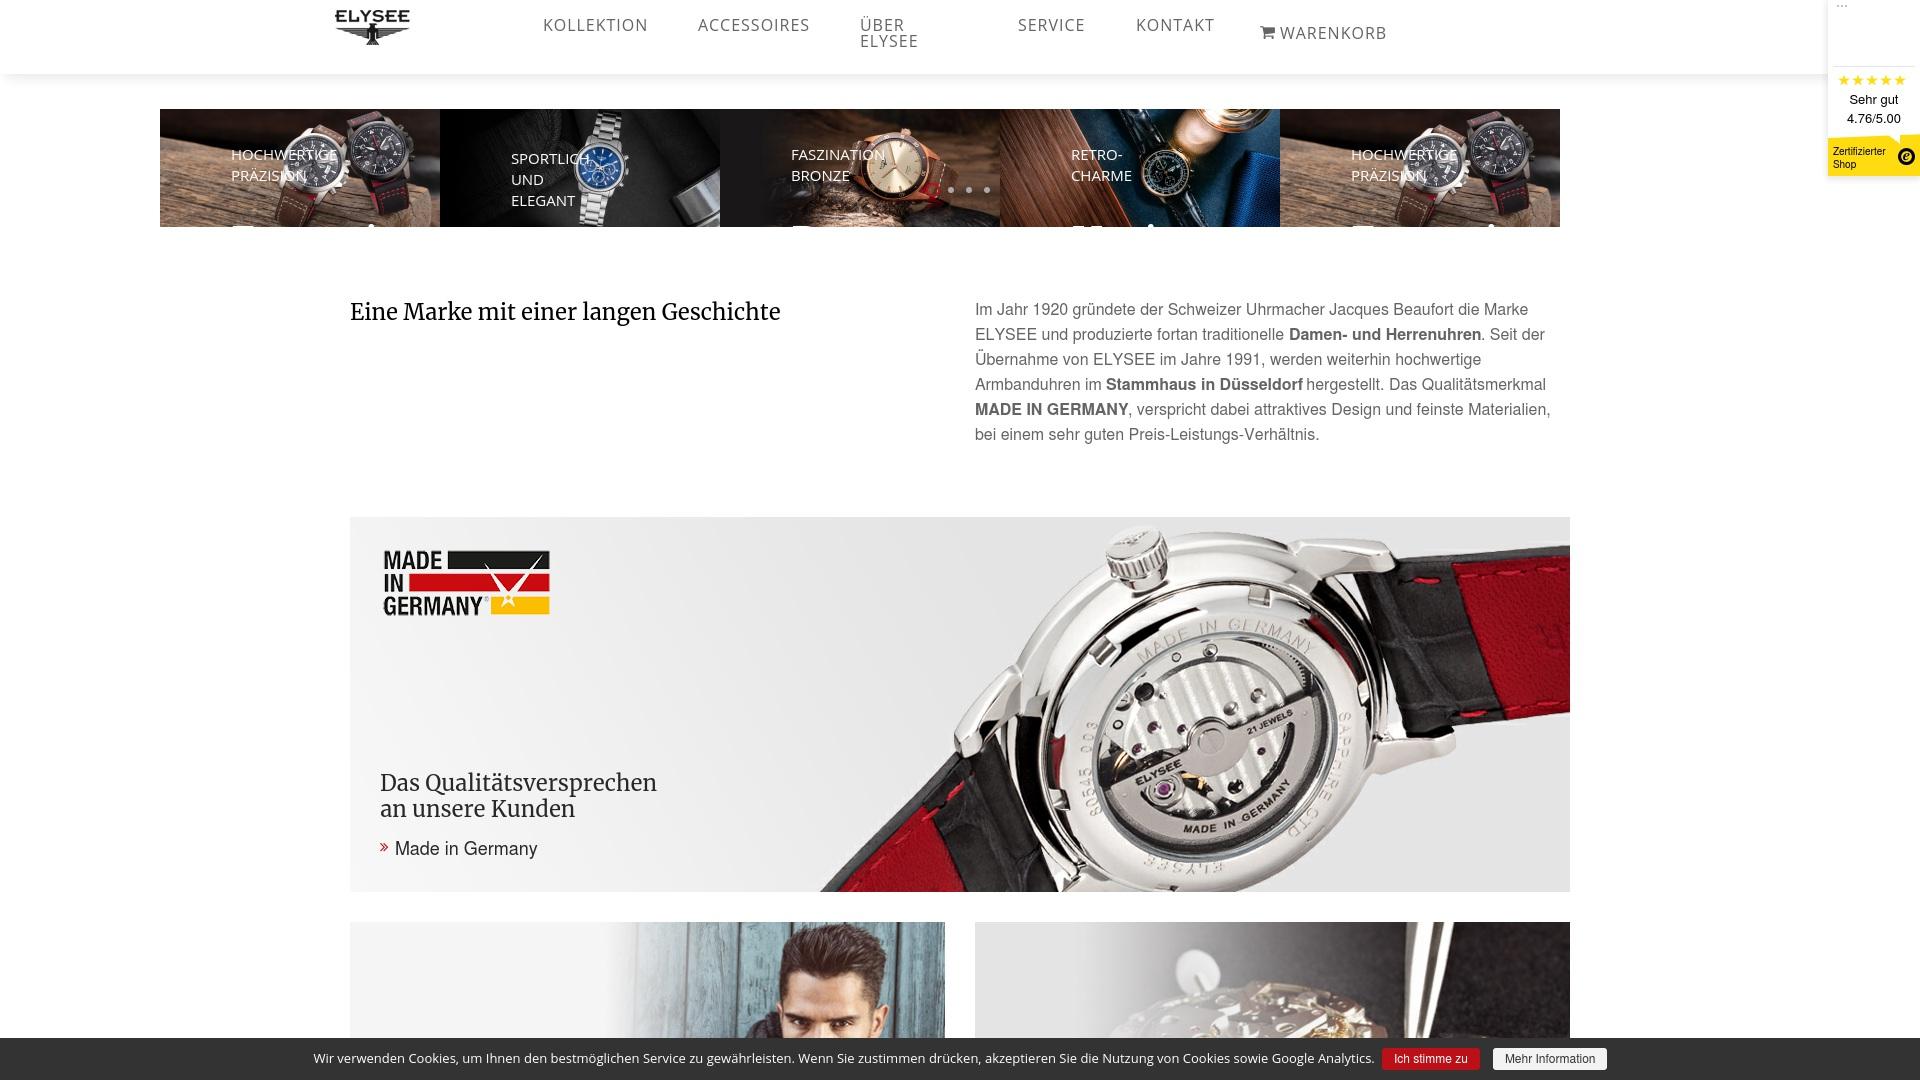 Gutschein für Elysee-watches: Rabatte für  Elysee-watches sichern